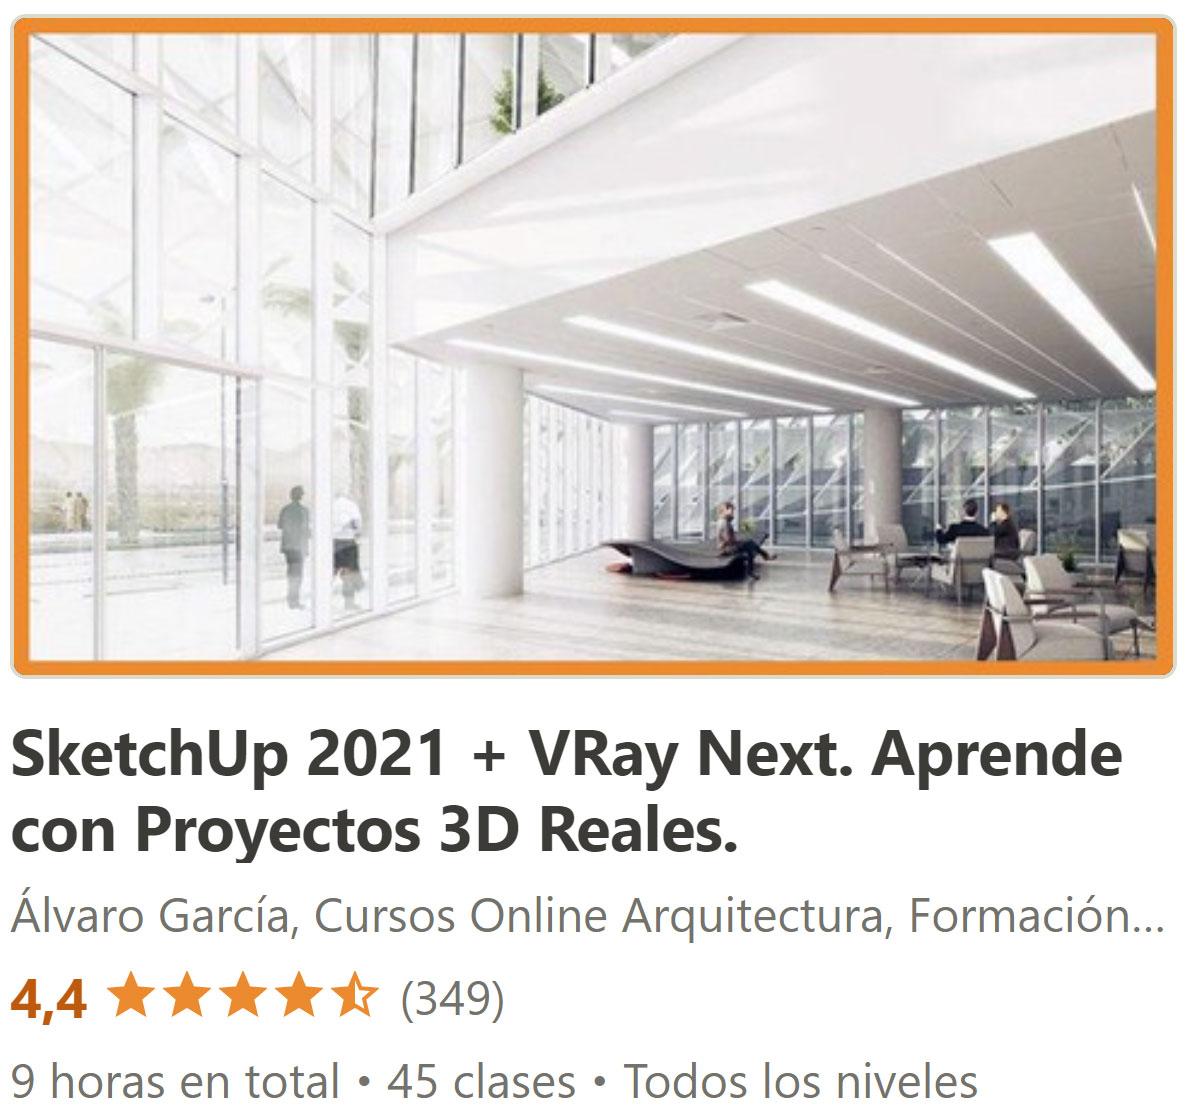 SketchUP y Vray Next Aprende con Proyecto 3d Reales